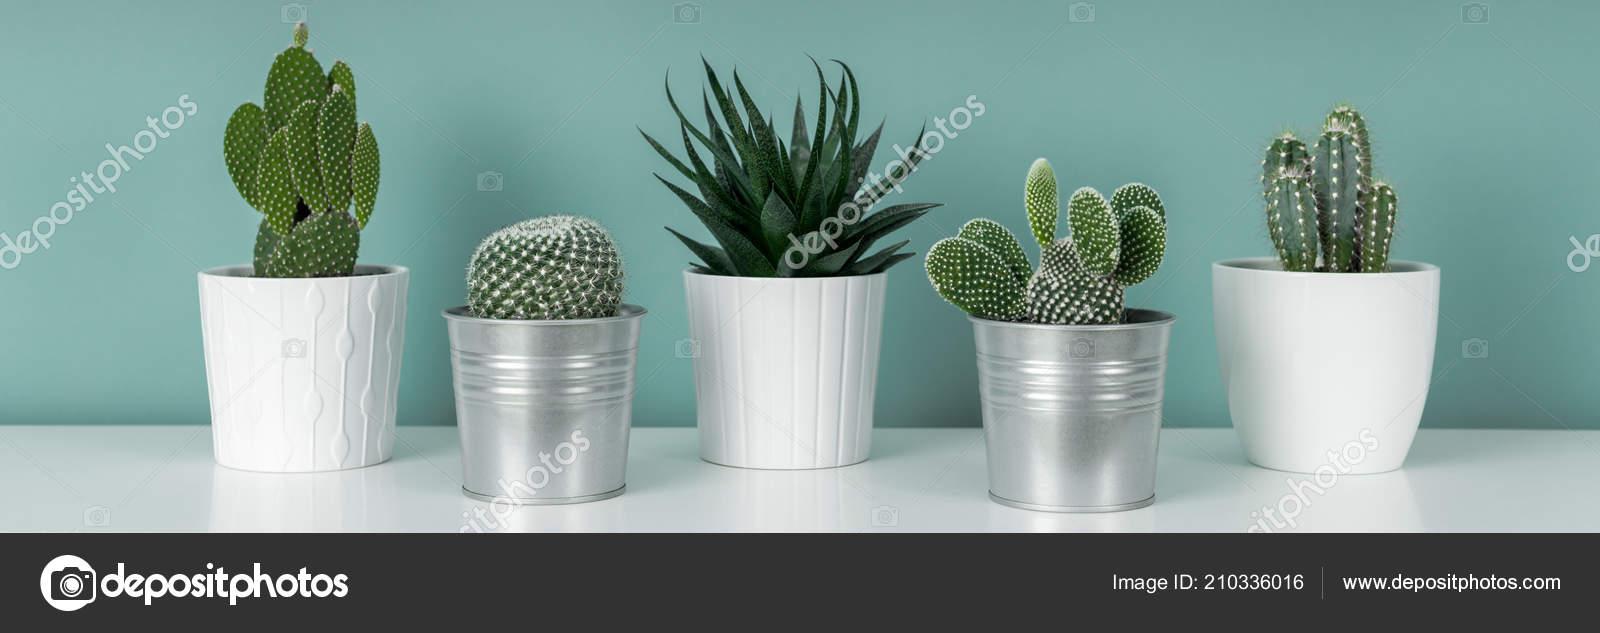 Décoration Chambre Moderne Collection Divers Pot Plantes Cactus Sur ...